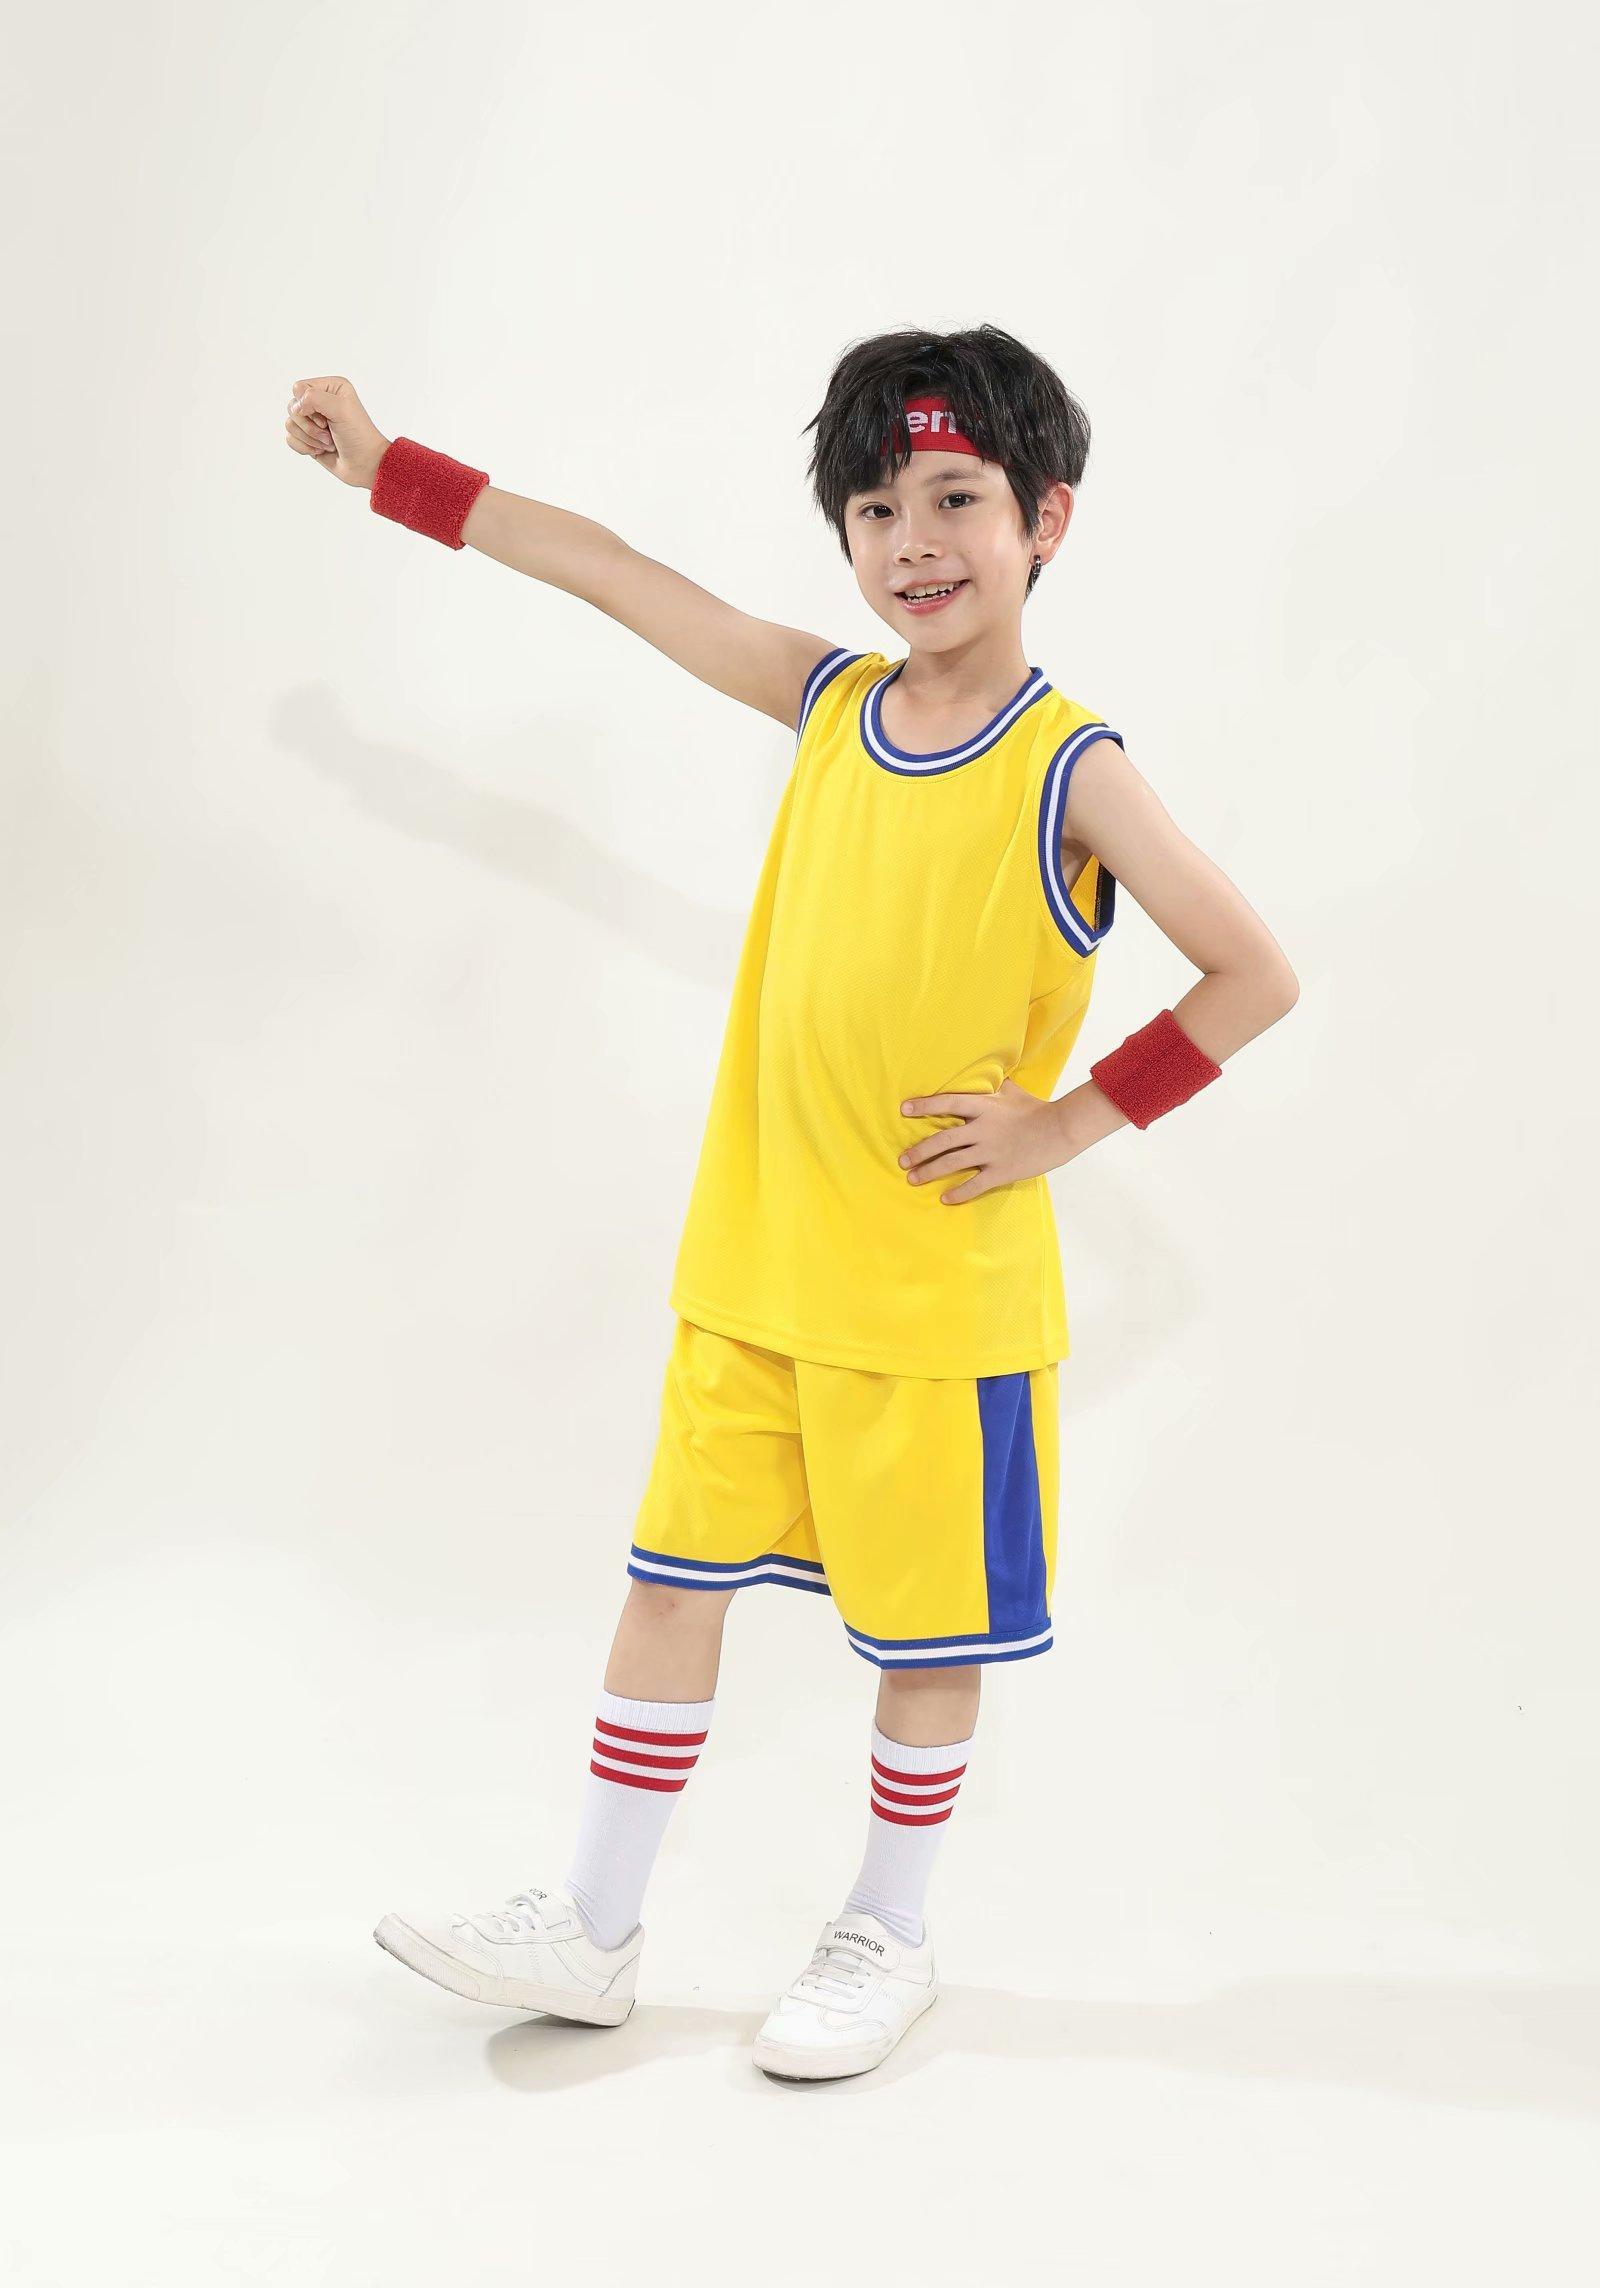 Çocuk Basketbol Hayranları, Fan Tops, Erkek Eğitim Formaları, Tişörtler, İlköğretim ve Ortaokul Öğrencileri için Özel Spor Takımları 4457